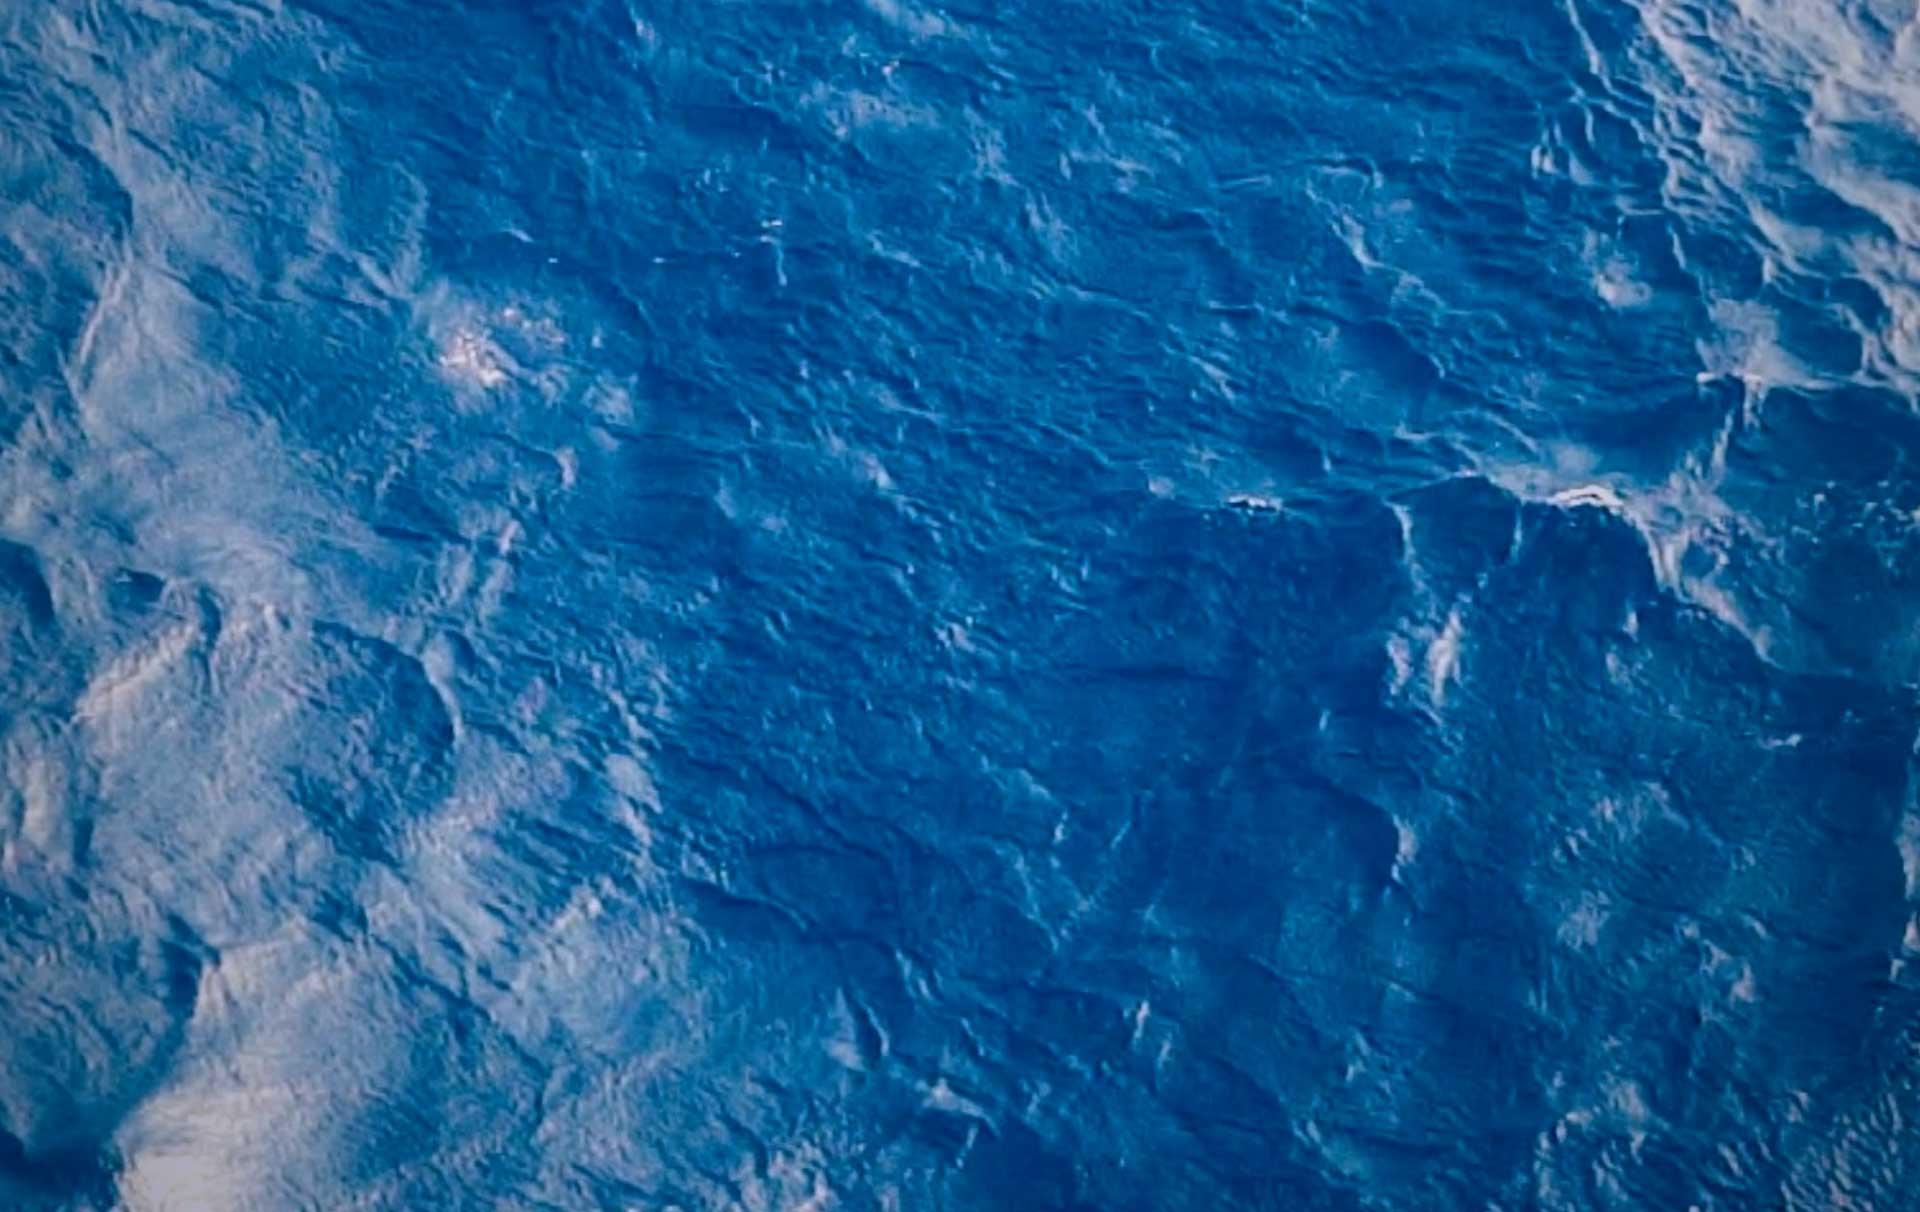 Blue flowing sea water